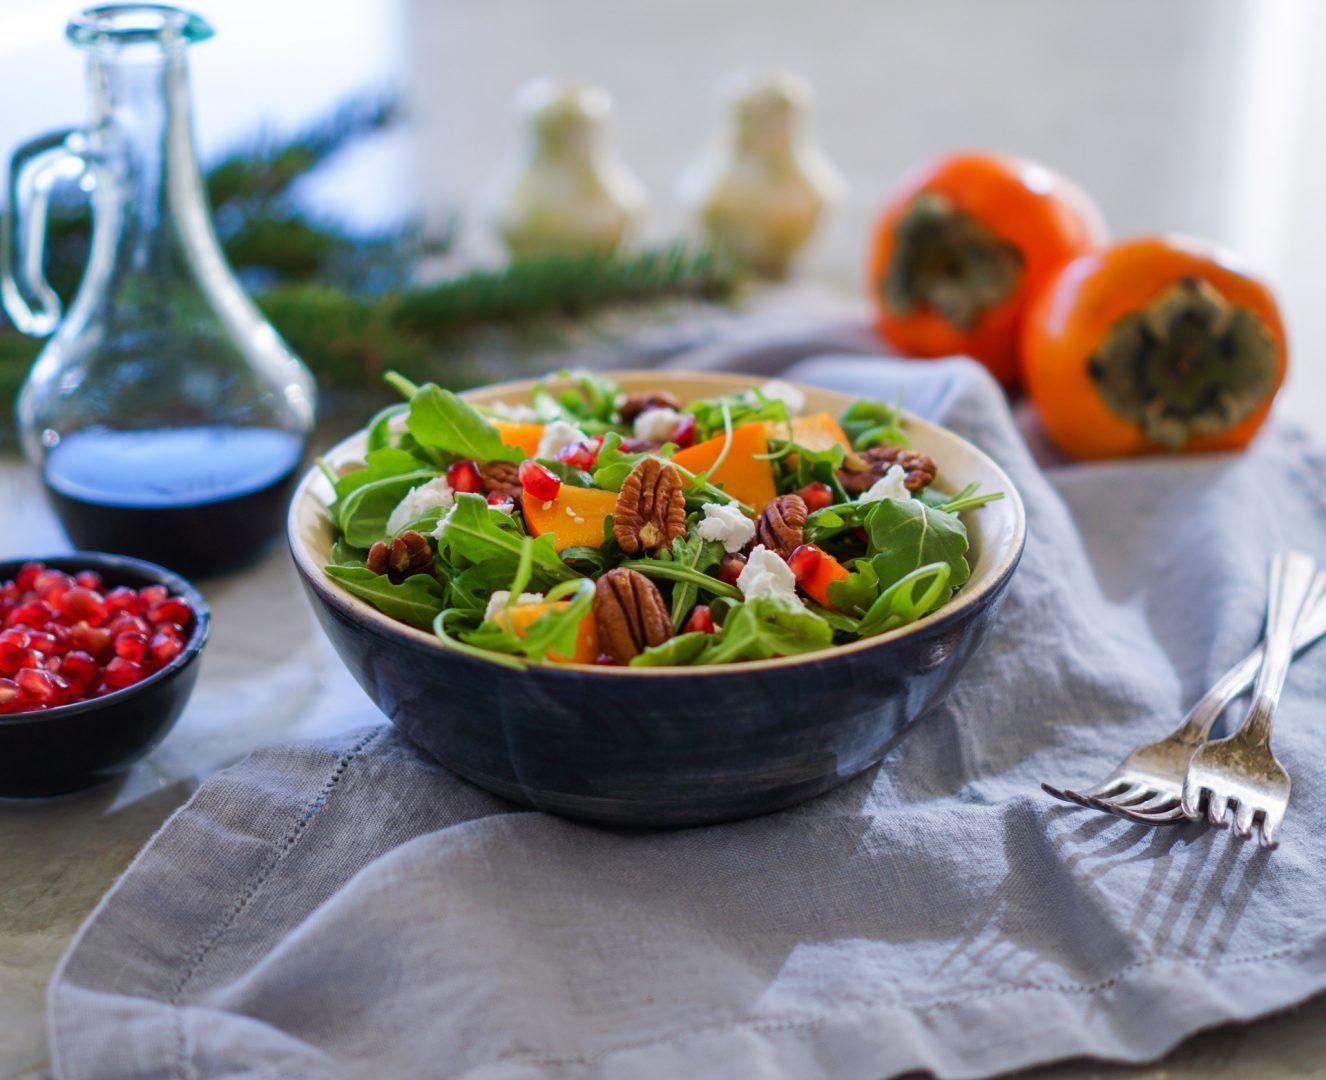 Herbst-Salat mit Kaki und Granatapfelkernen